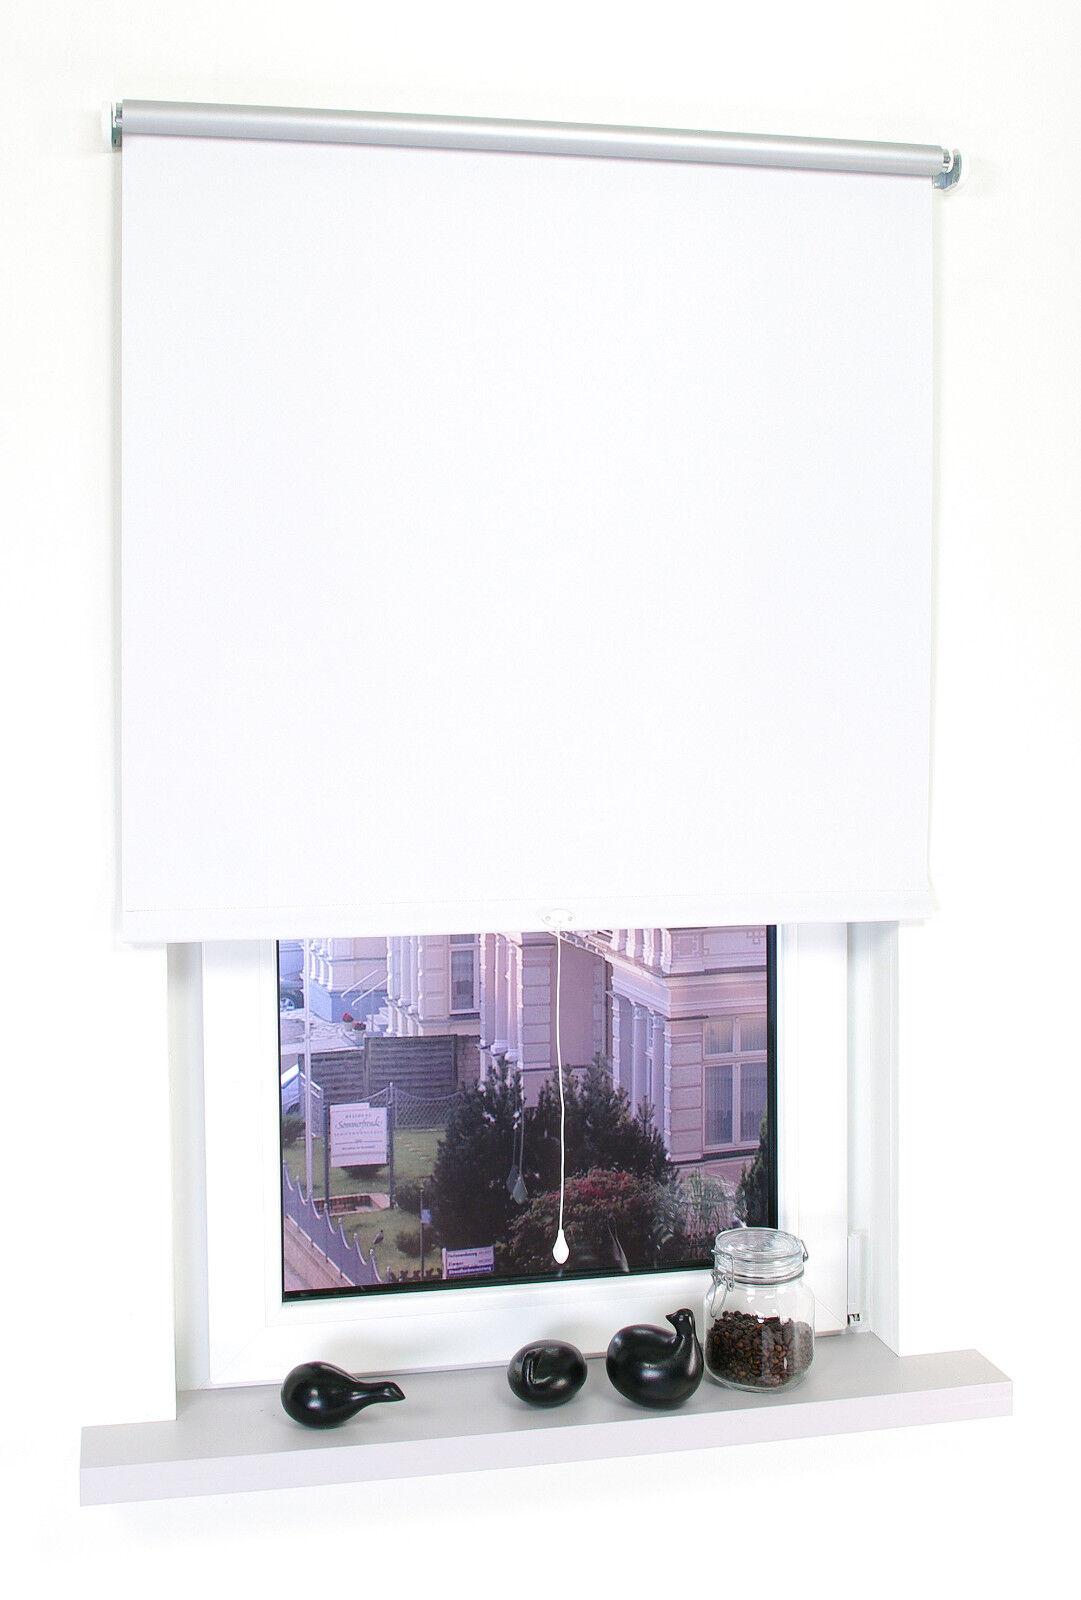 ThermGoldllo Fenster Verdunkelungsrollo Verdunkelungsrollo Verdunkelungsrollo Springrollo Mittelzugrollo Tür Rollo Weiß   Qualität Produkt  818b7e